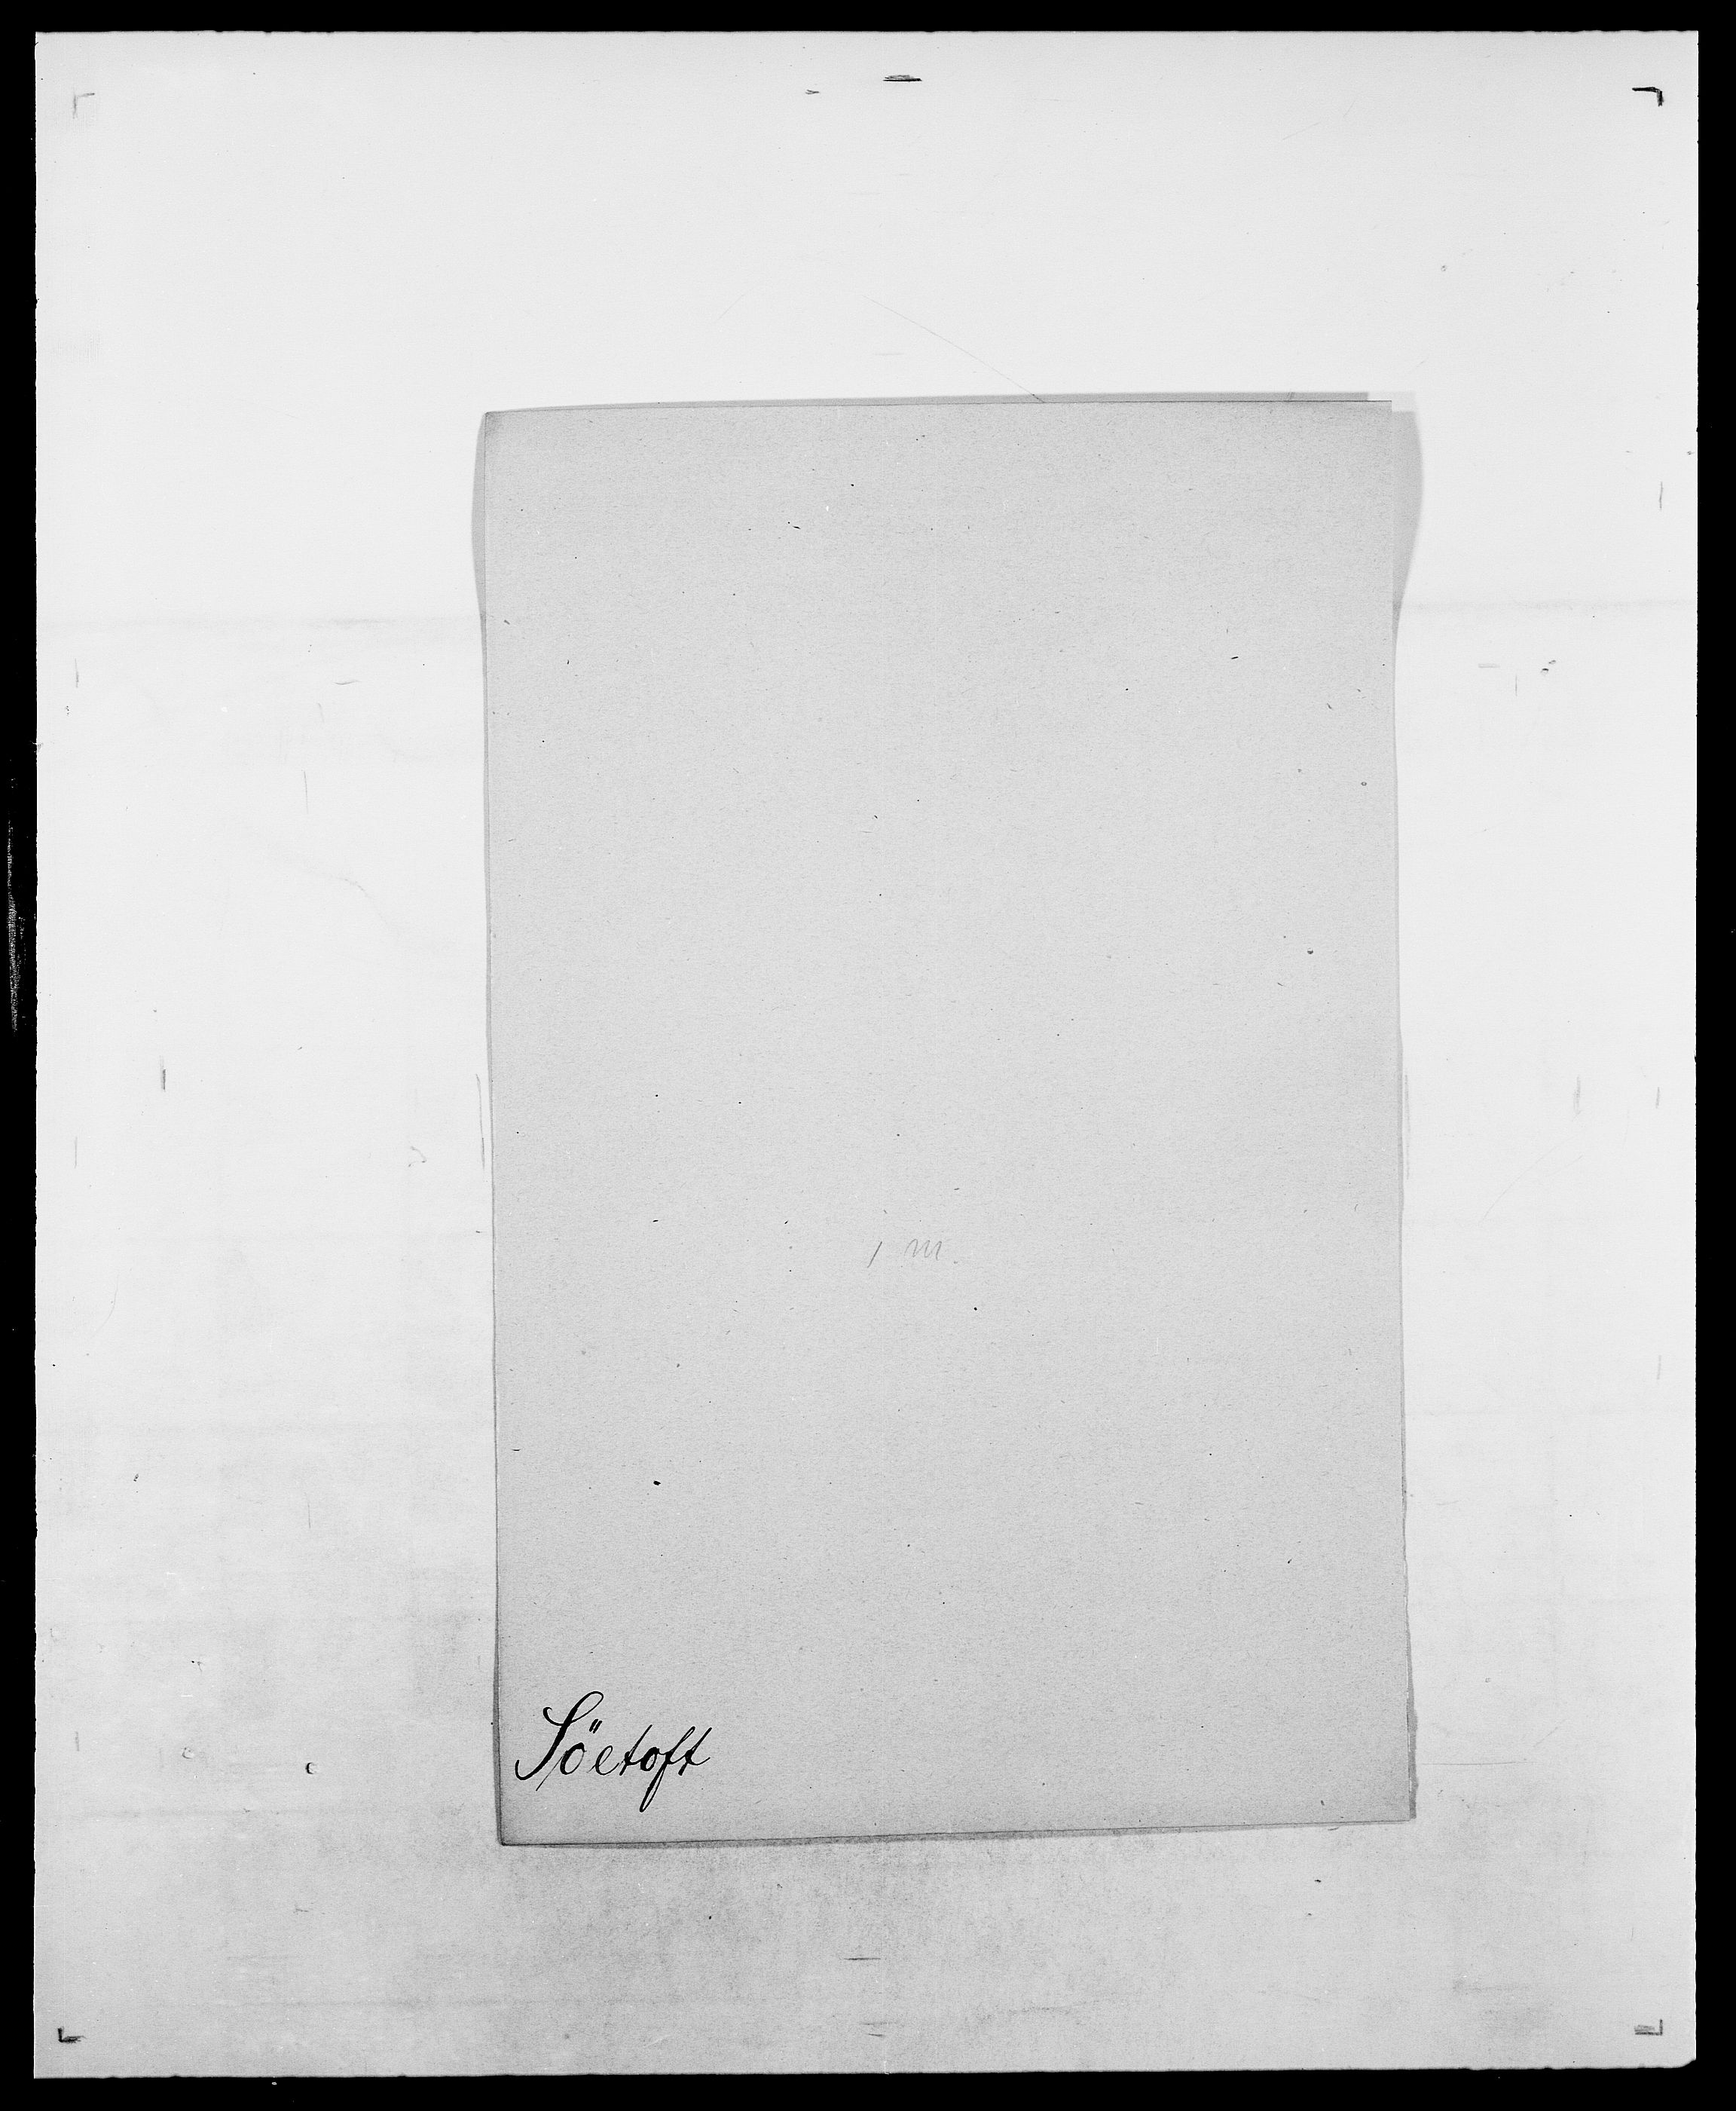 SAO, Delgobe, Charles Antoine - samling, D/Da/L0038: Svanenskjold - Thornsohn, s. 172